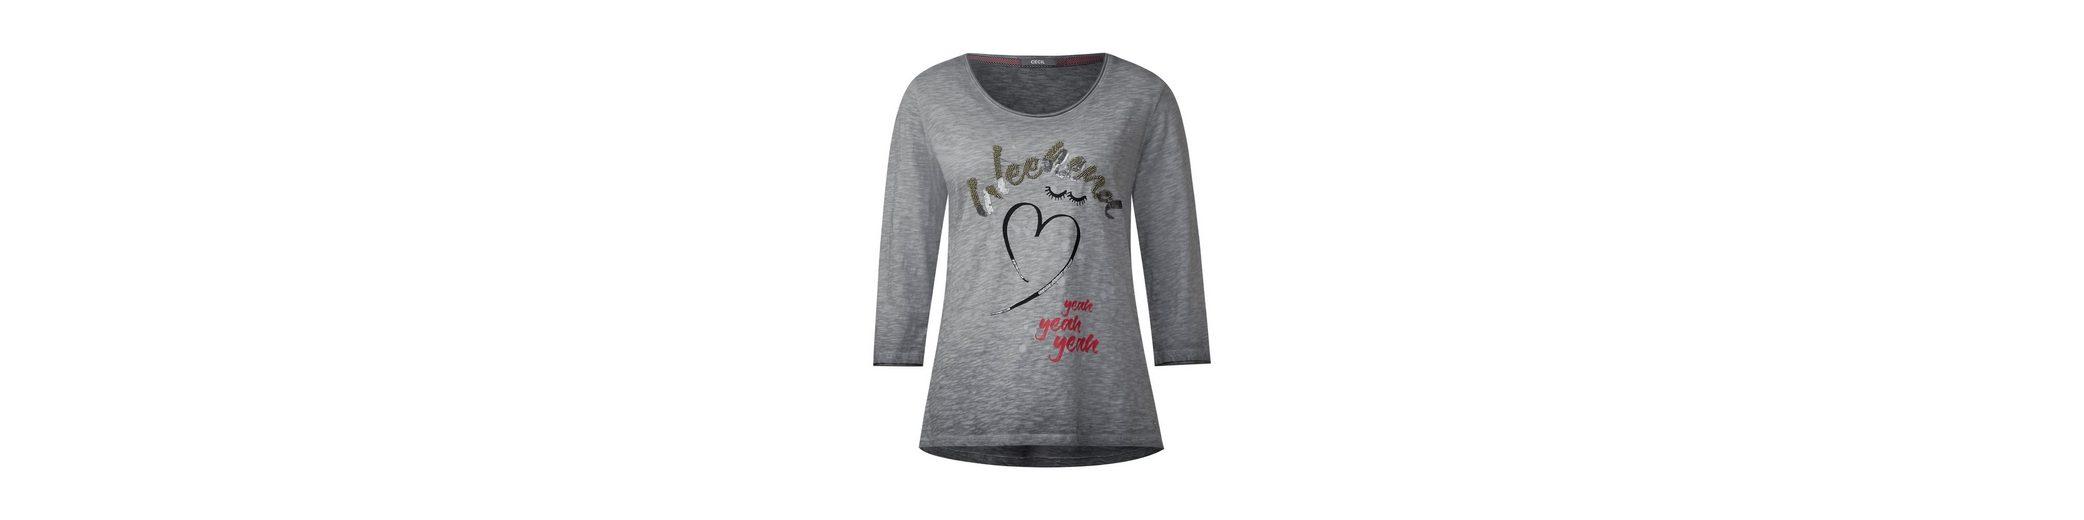 Lieferung Frei Haus Mit Kreditkarte Spielraum Neu CECIL Verziertes Burn-Out Shirt Vorbestellung Top-Qualität Verkauf Online Bz4DJX